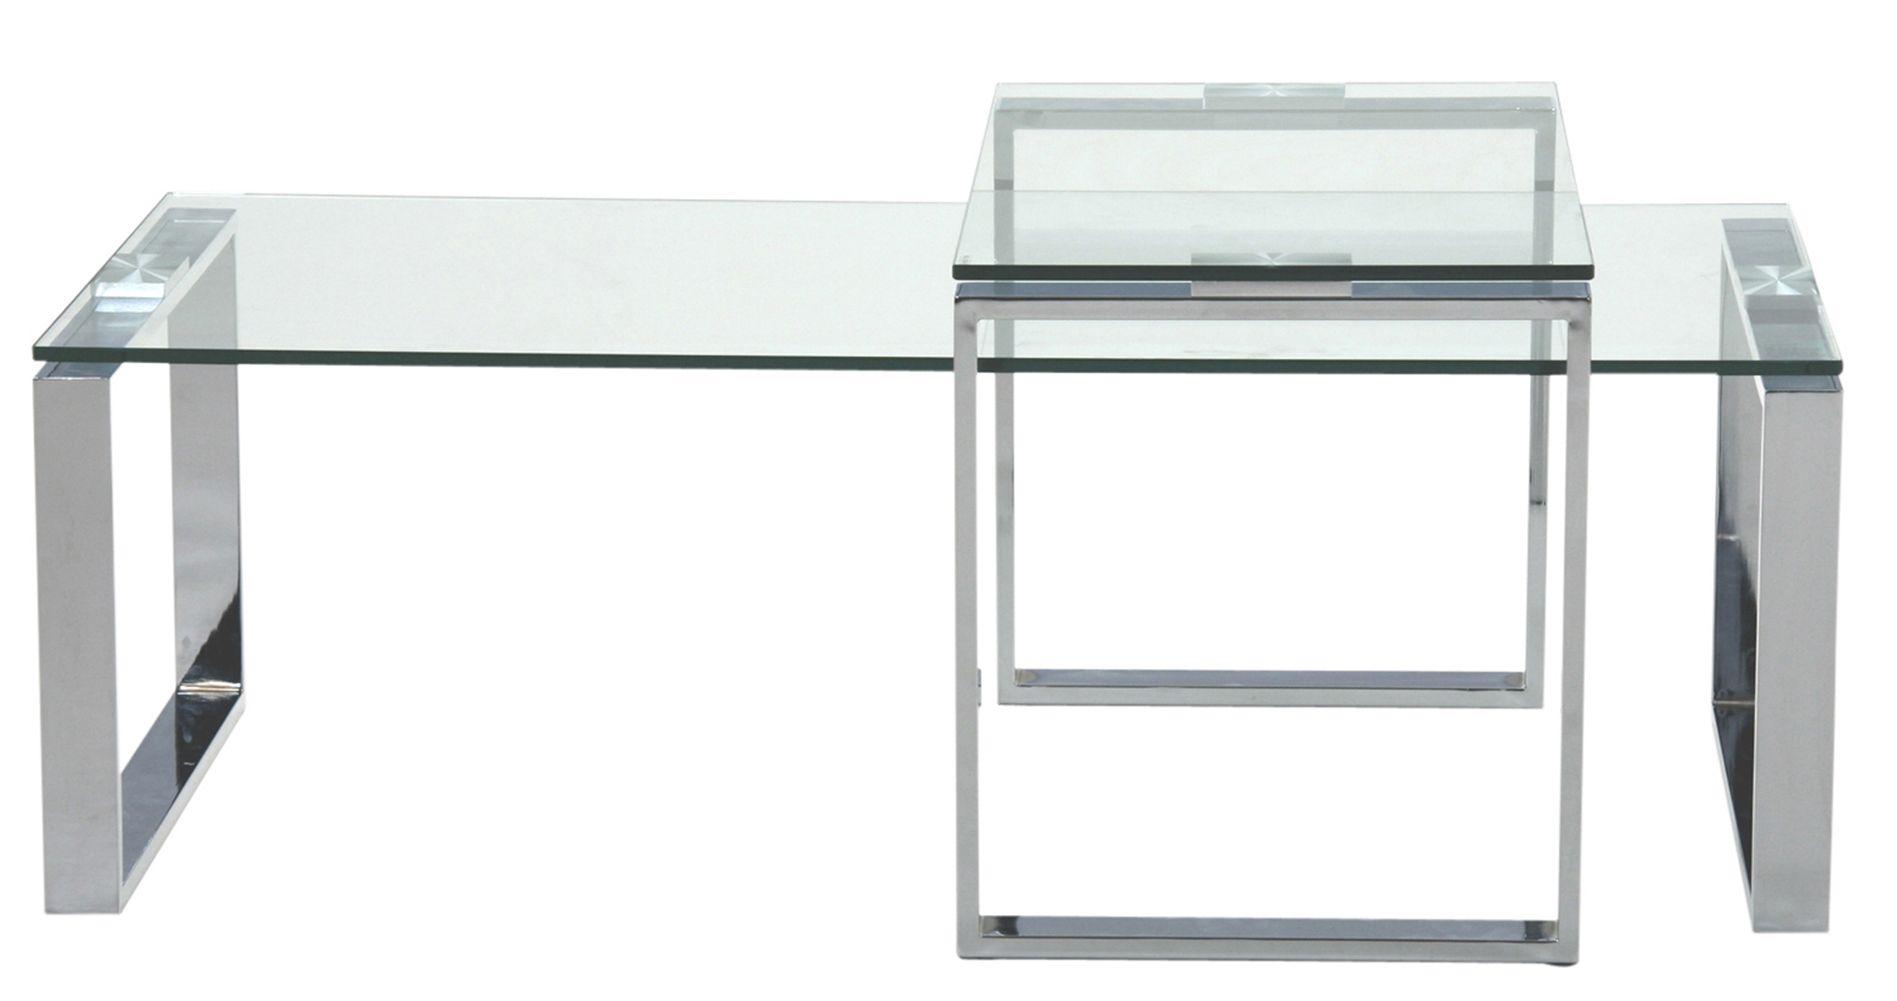 Toftdal Sofabordssæt - Sofabordssæt med bordplade i klar glas